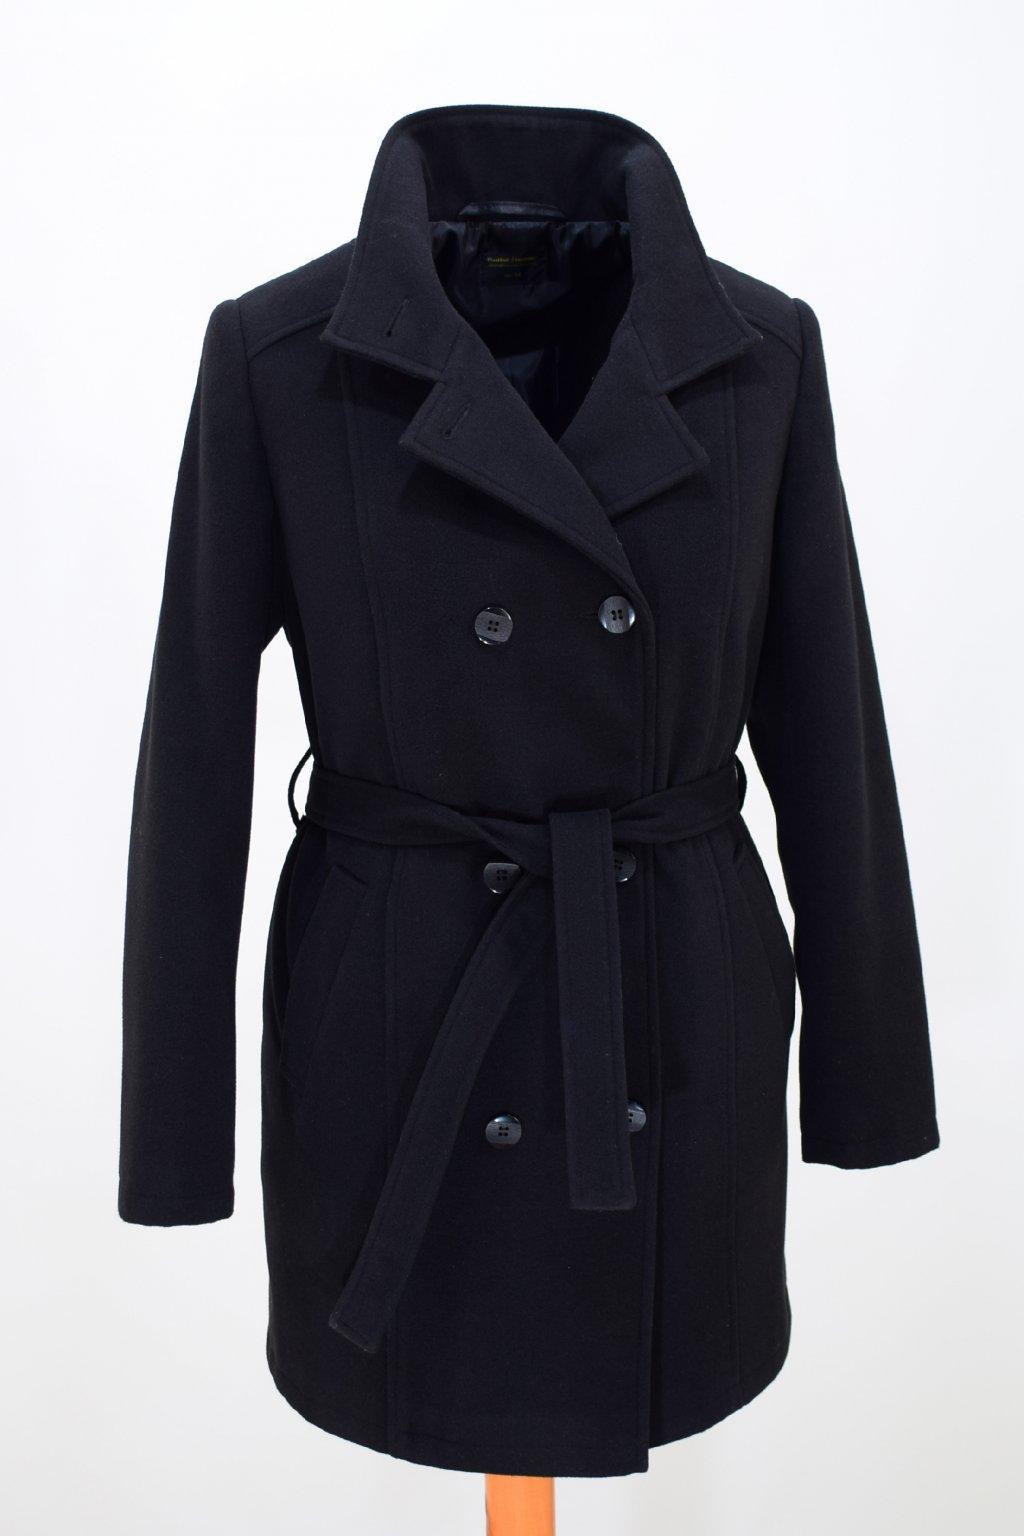 Dámský černý zimní kabát Sofie.